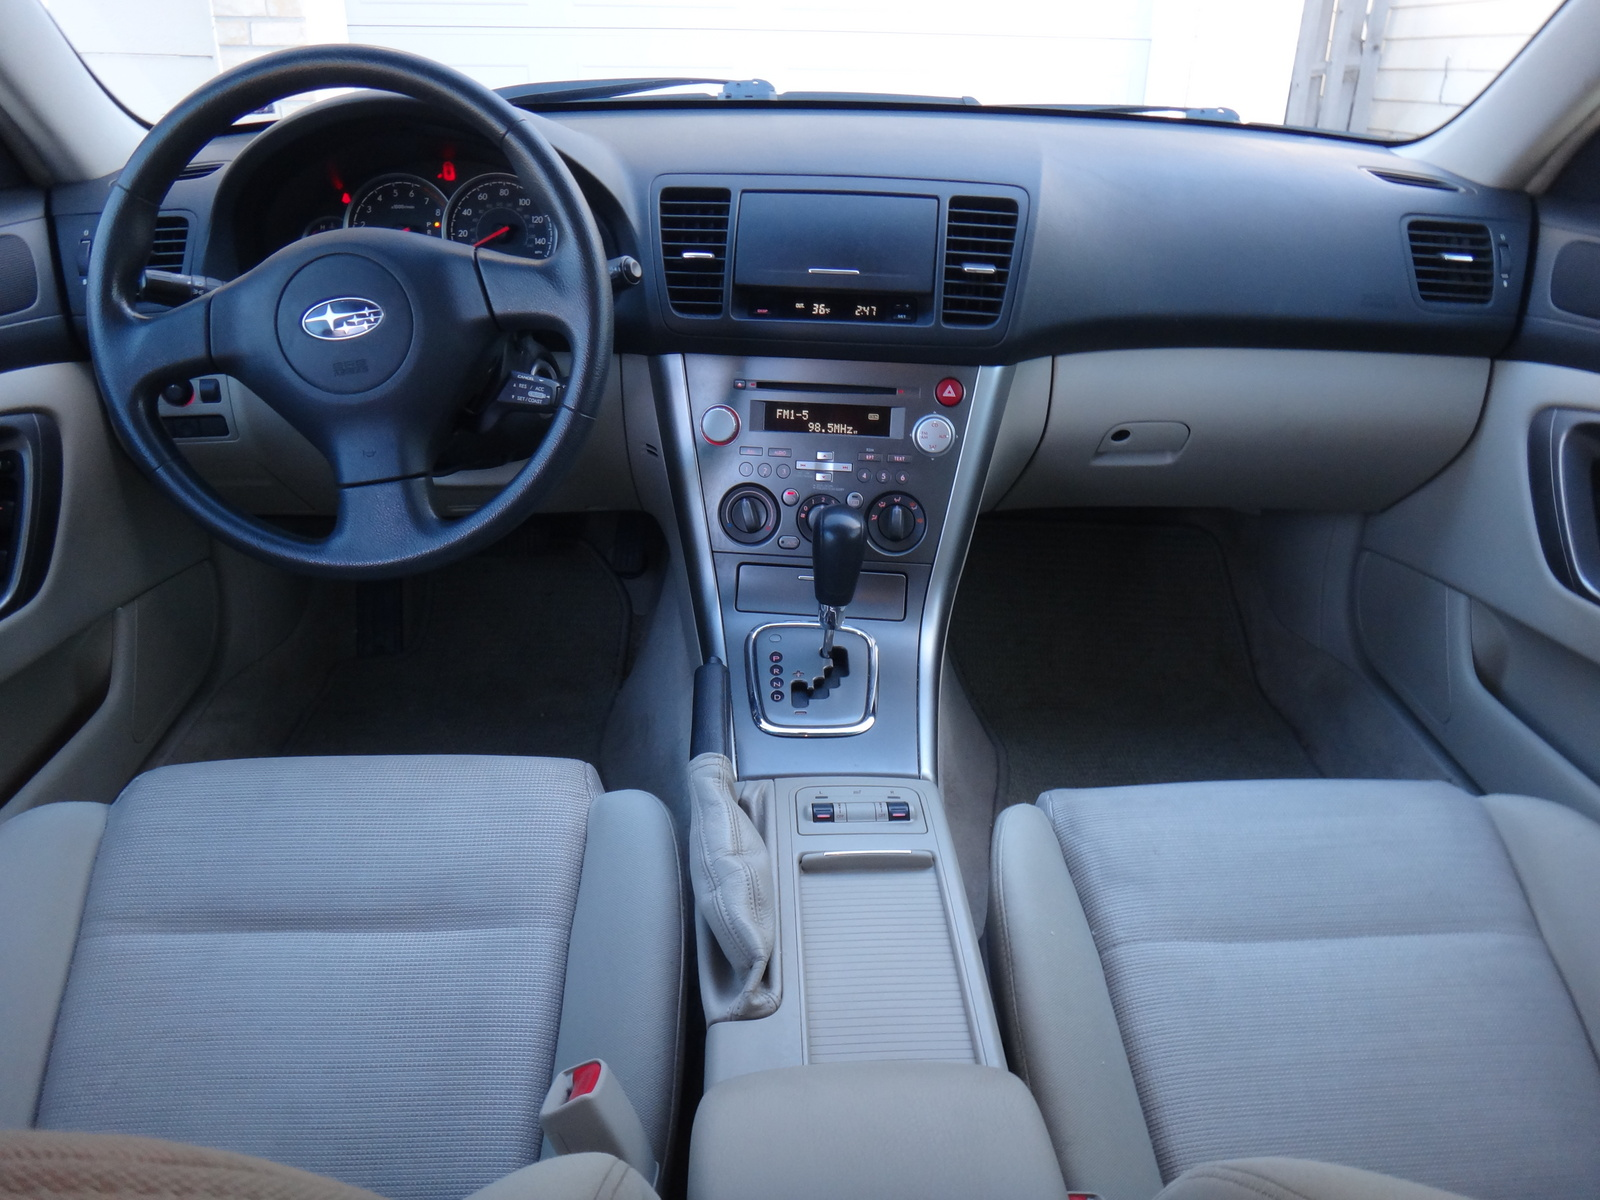 2007 Subaru Outback Pictures Cargurus